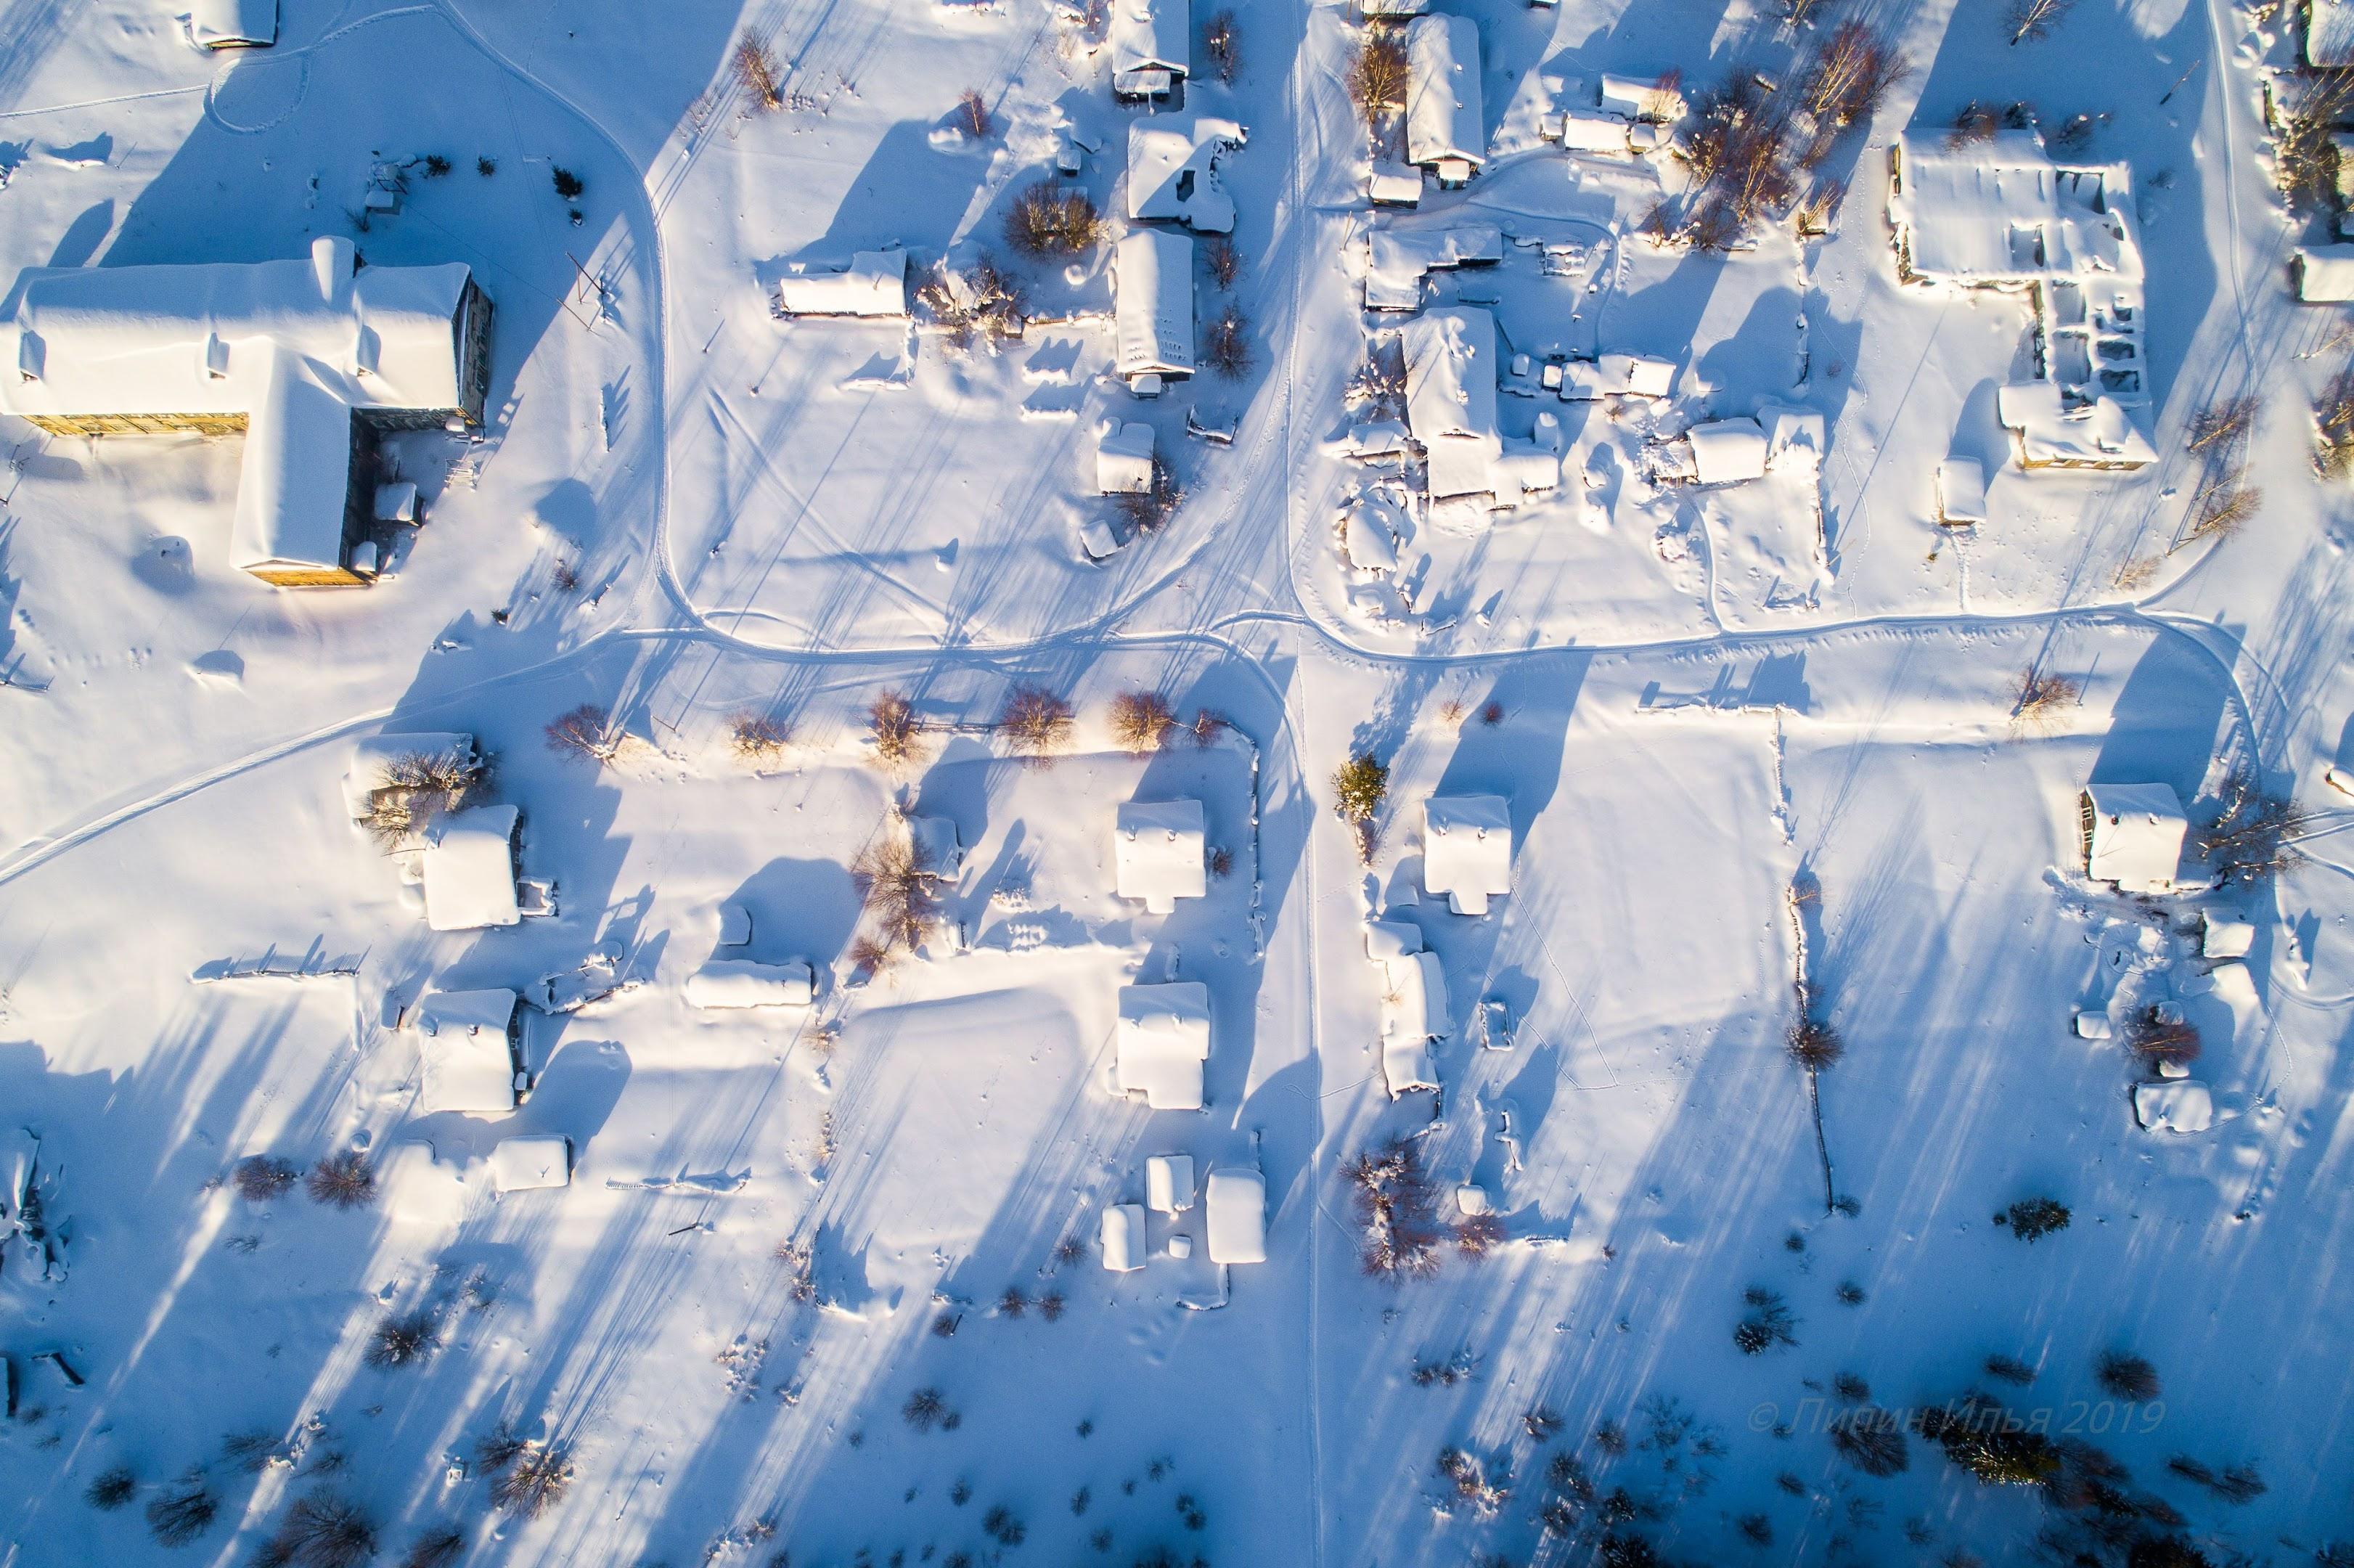 Вид на поселок с высоты. Снегоходные дорожки - от туристов-рыбаков в основном.